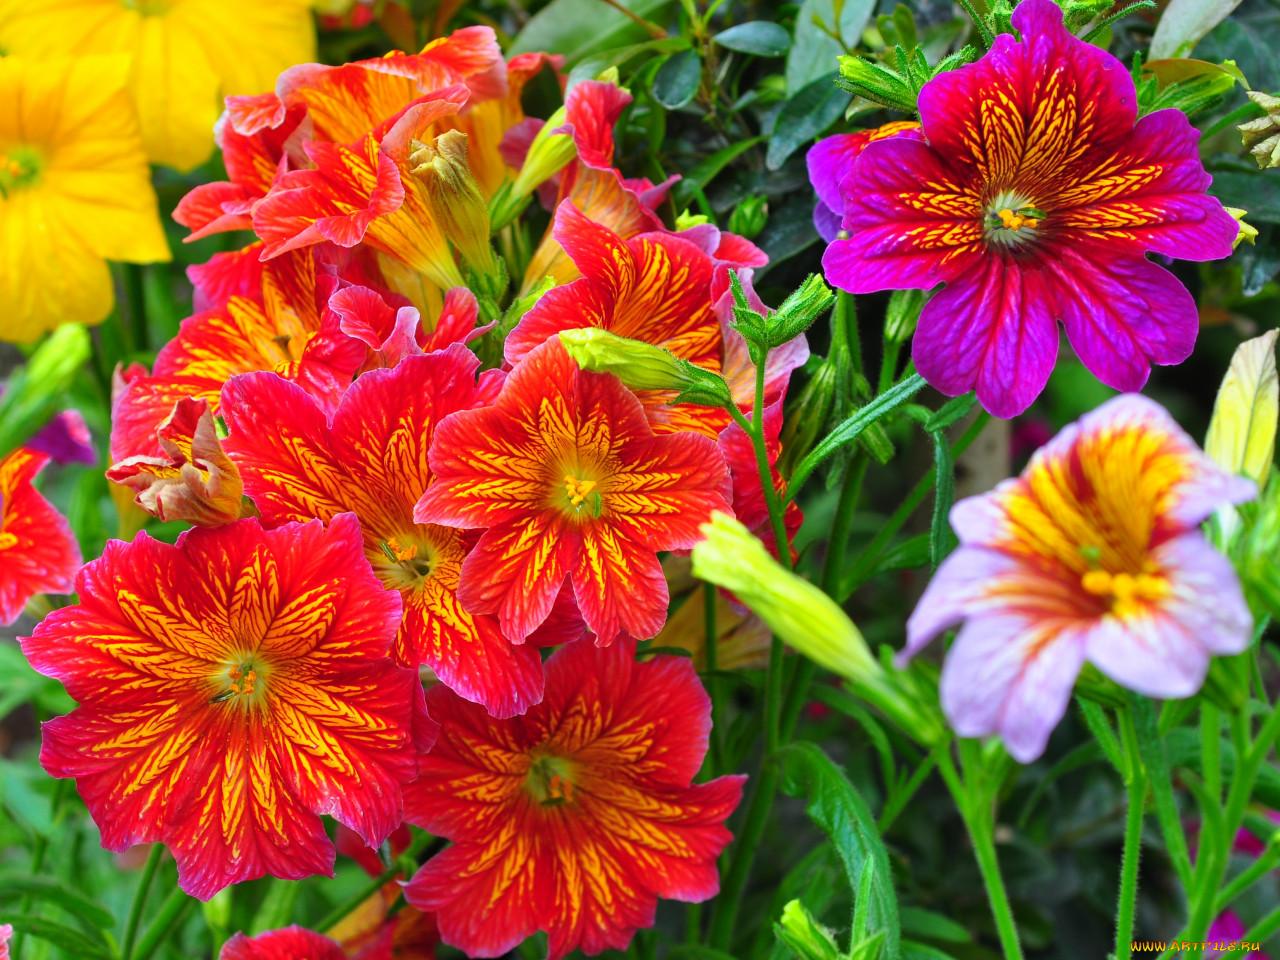 смотреть фото садовых цветов с названием звеньев способ